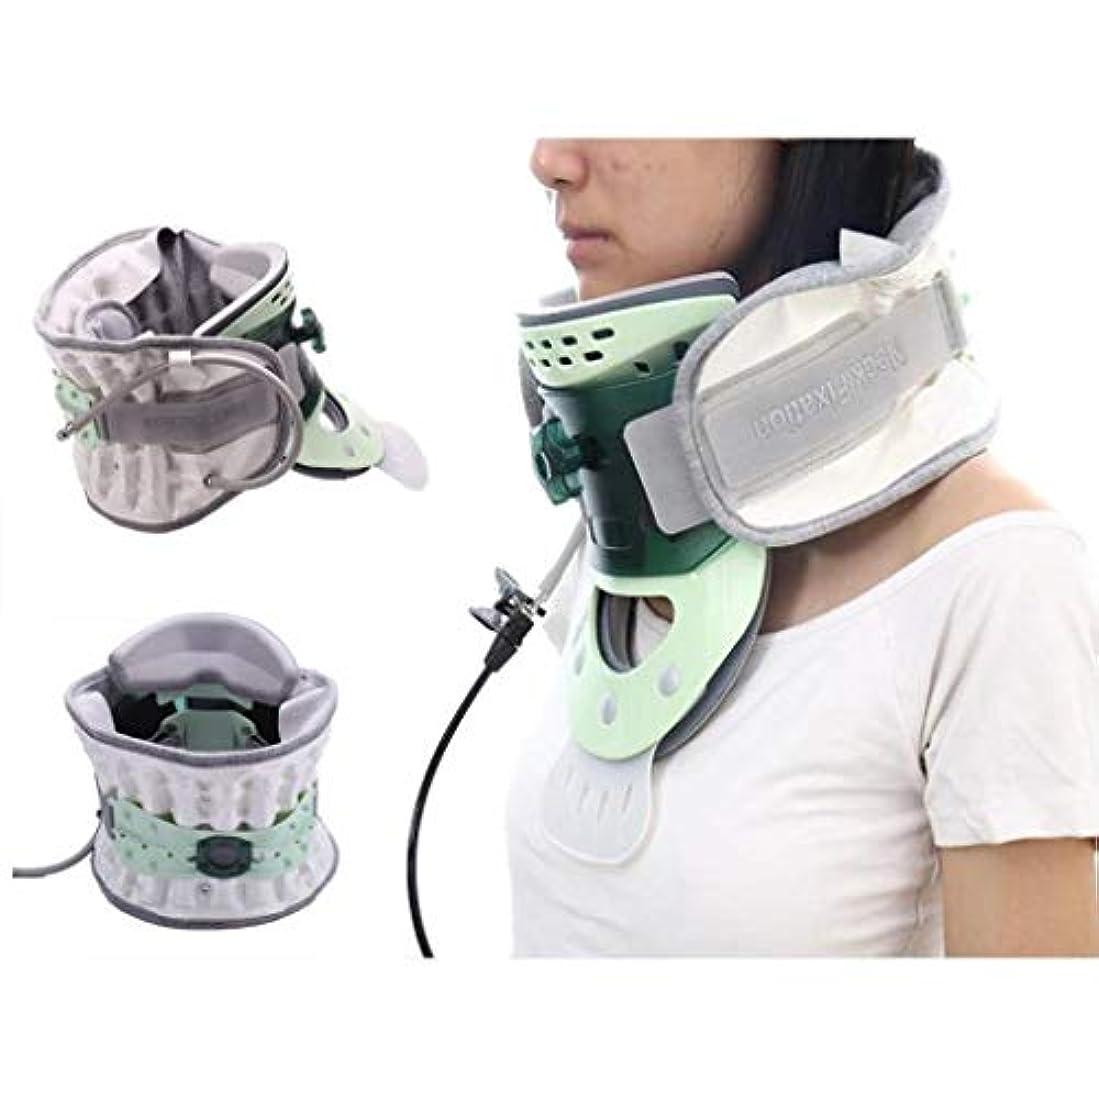 想像する生産的冷凍庫首の痛みや頸椎症の人に適したインフレータブル頸椎トラクター、首牽引装置、家の保護頸椎矯正器具